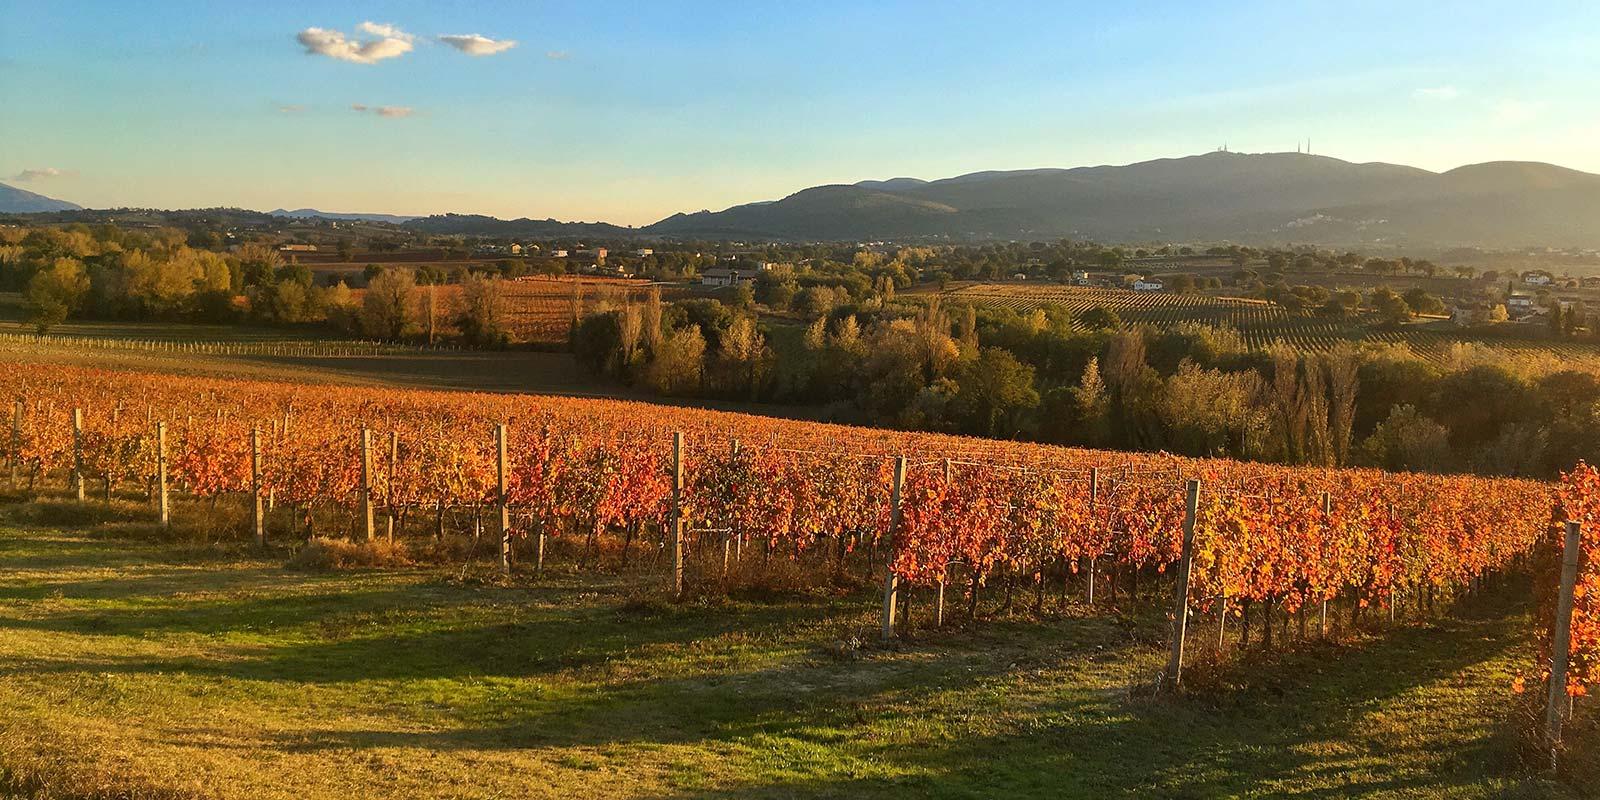 Red vines in Umbria